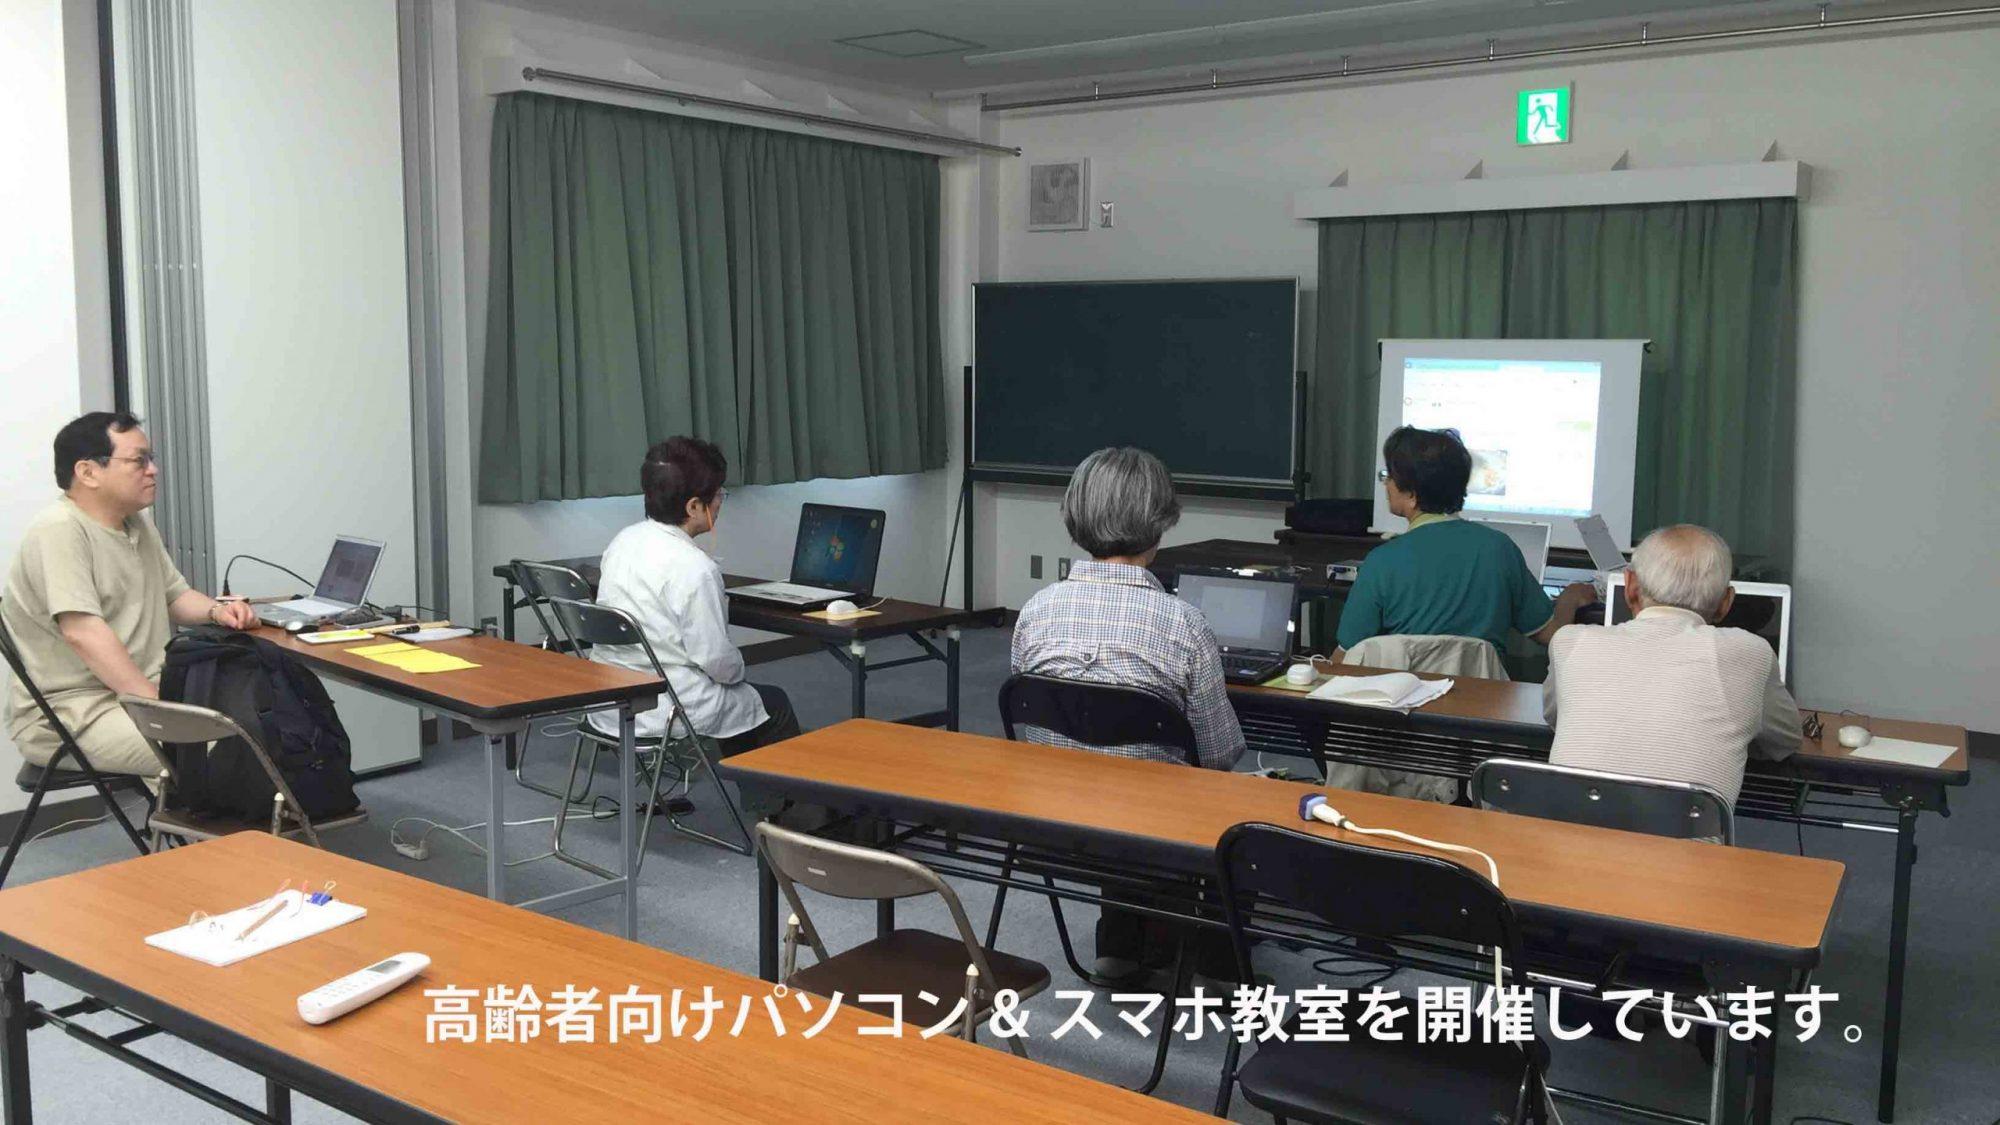 高齢者向けパソコン&スマホ教室